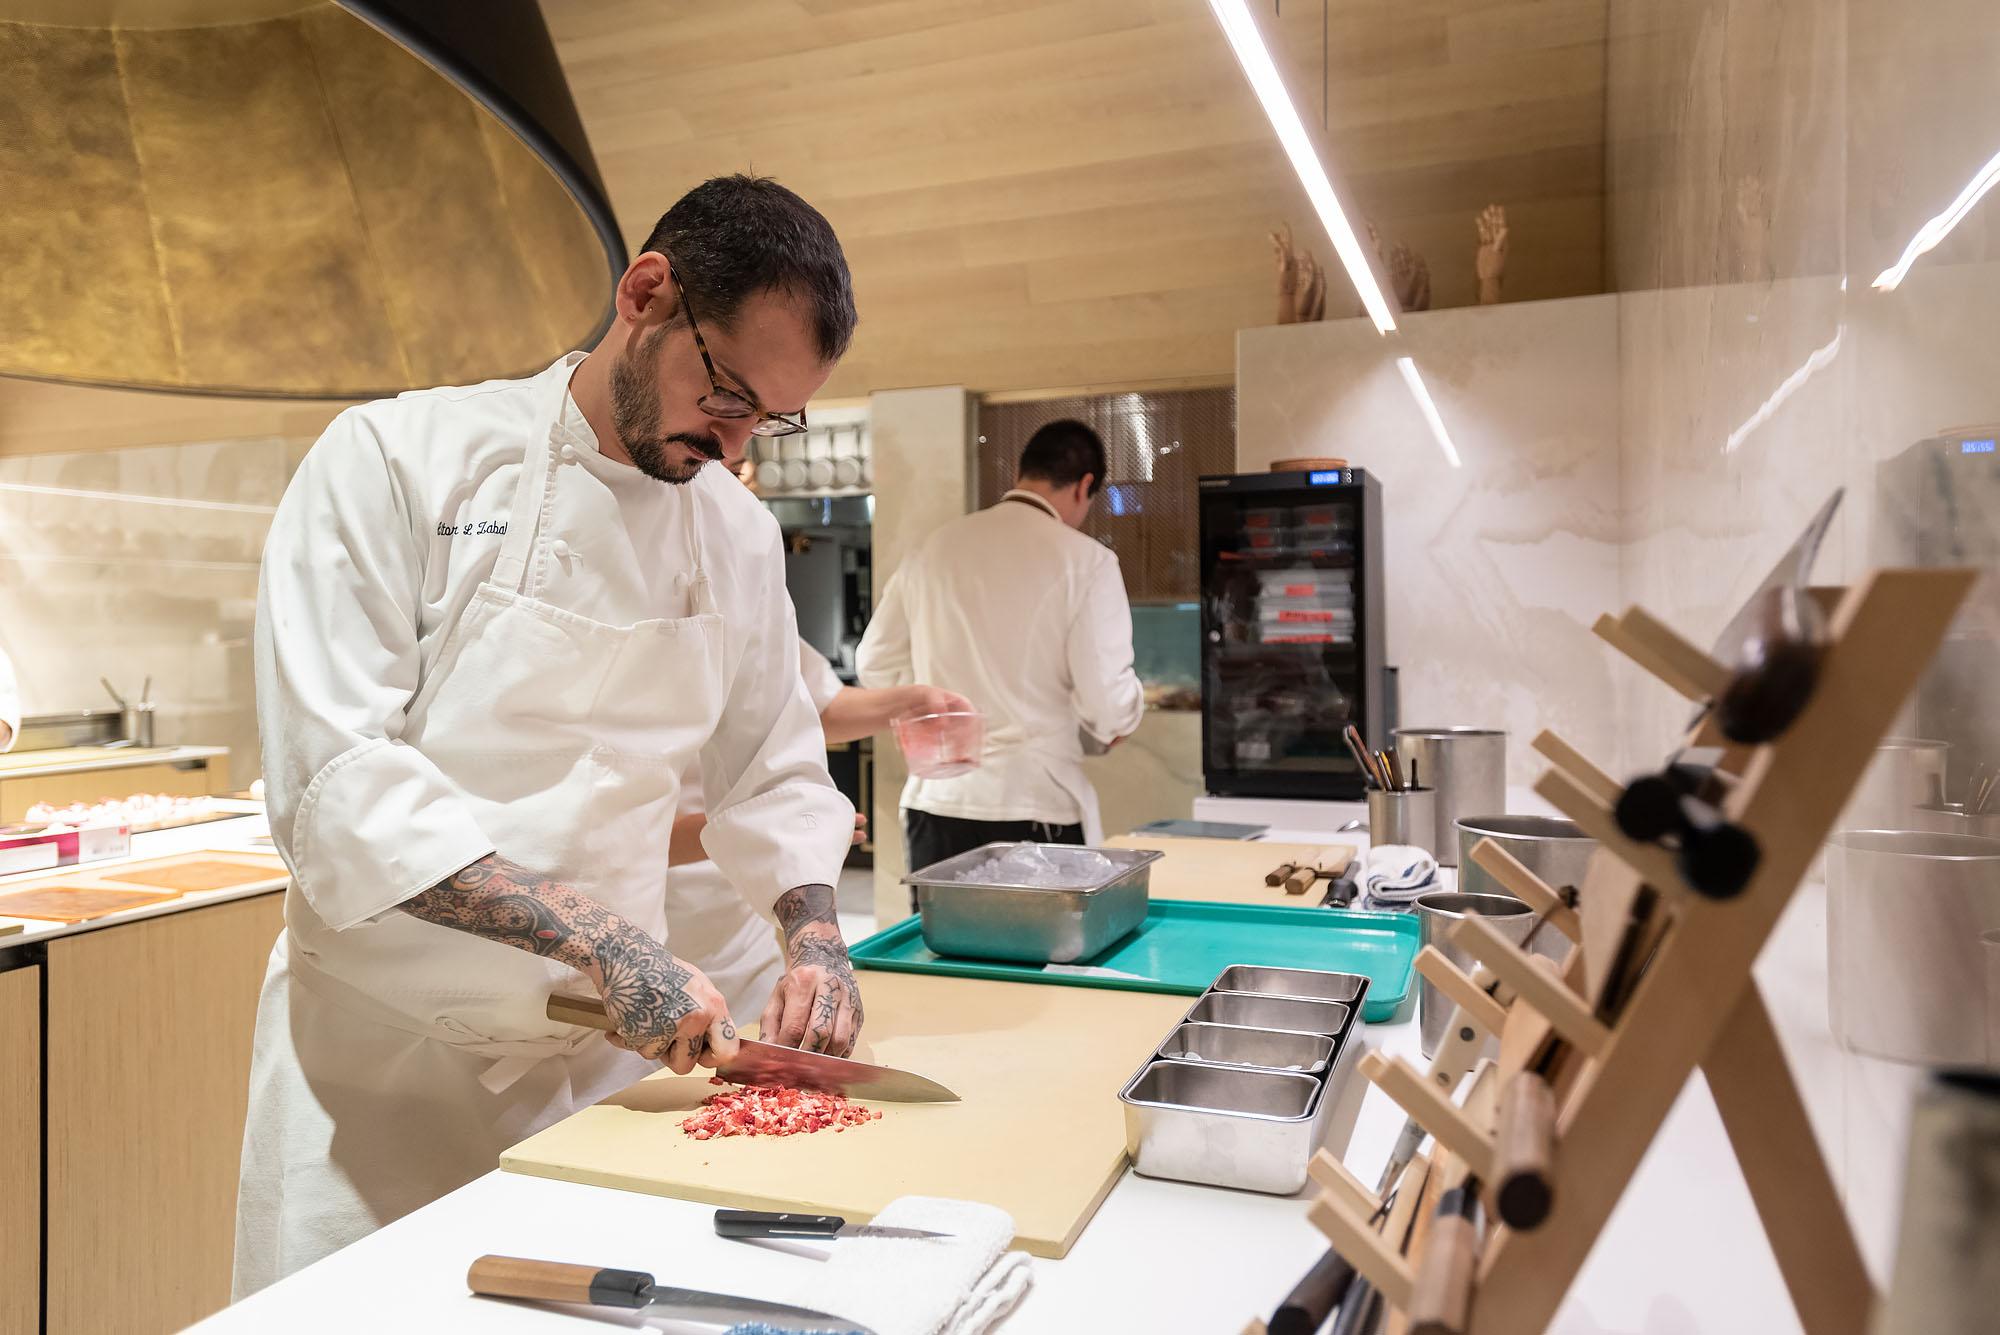 Aitor Zabala prepping at Somni, Los Angeles